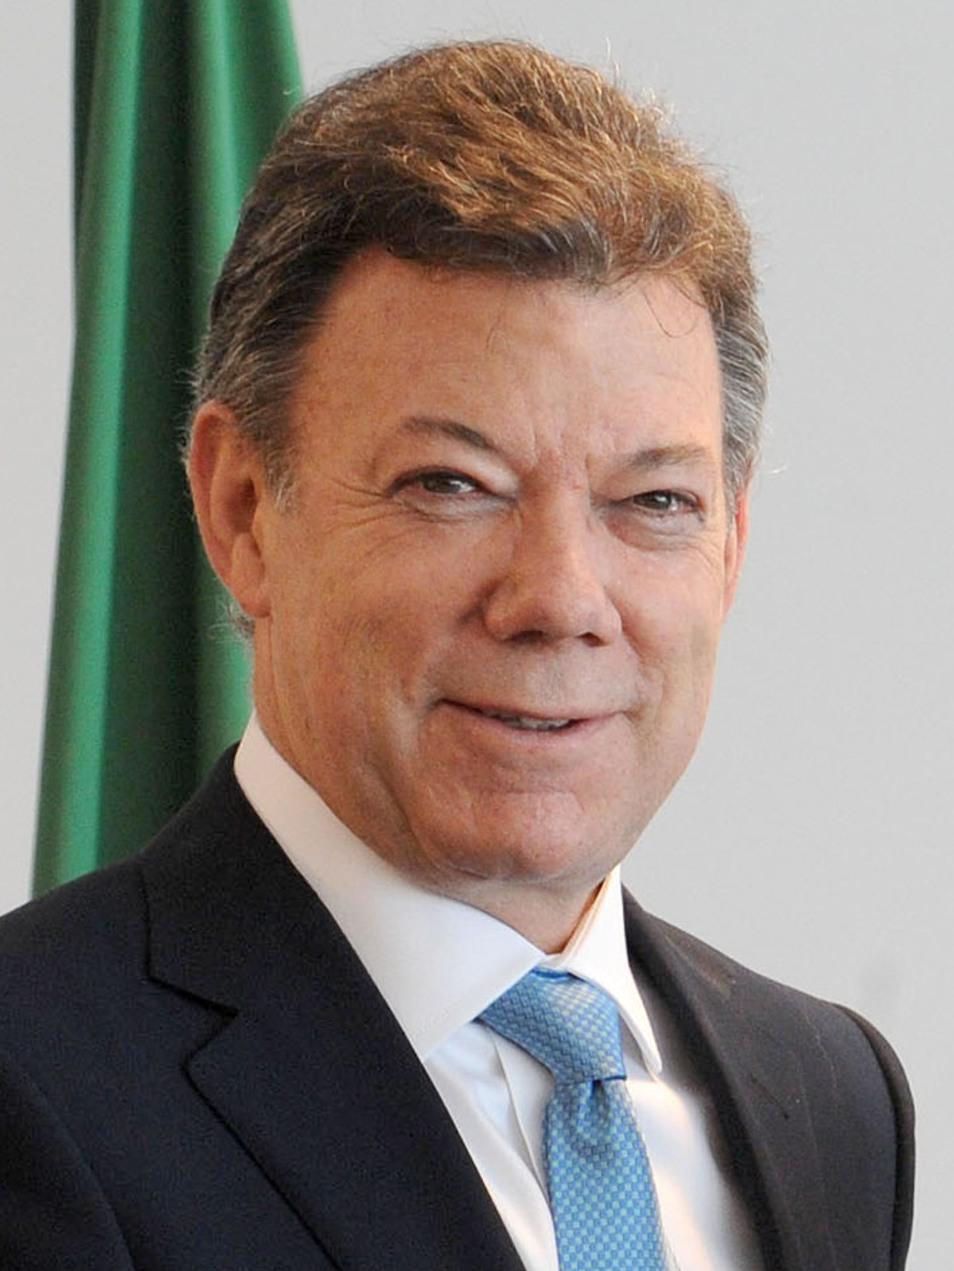 Veja o que saiu no Migalhas sobre Juan Manuel Santos